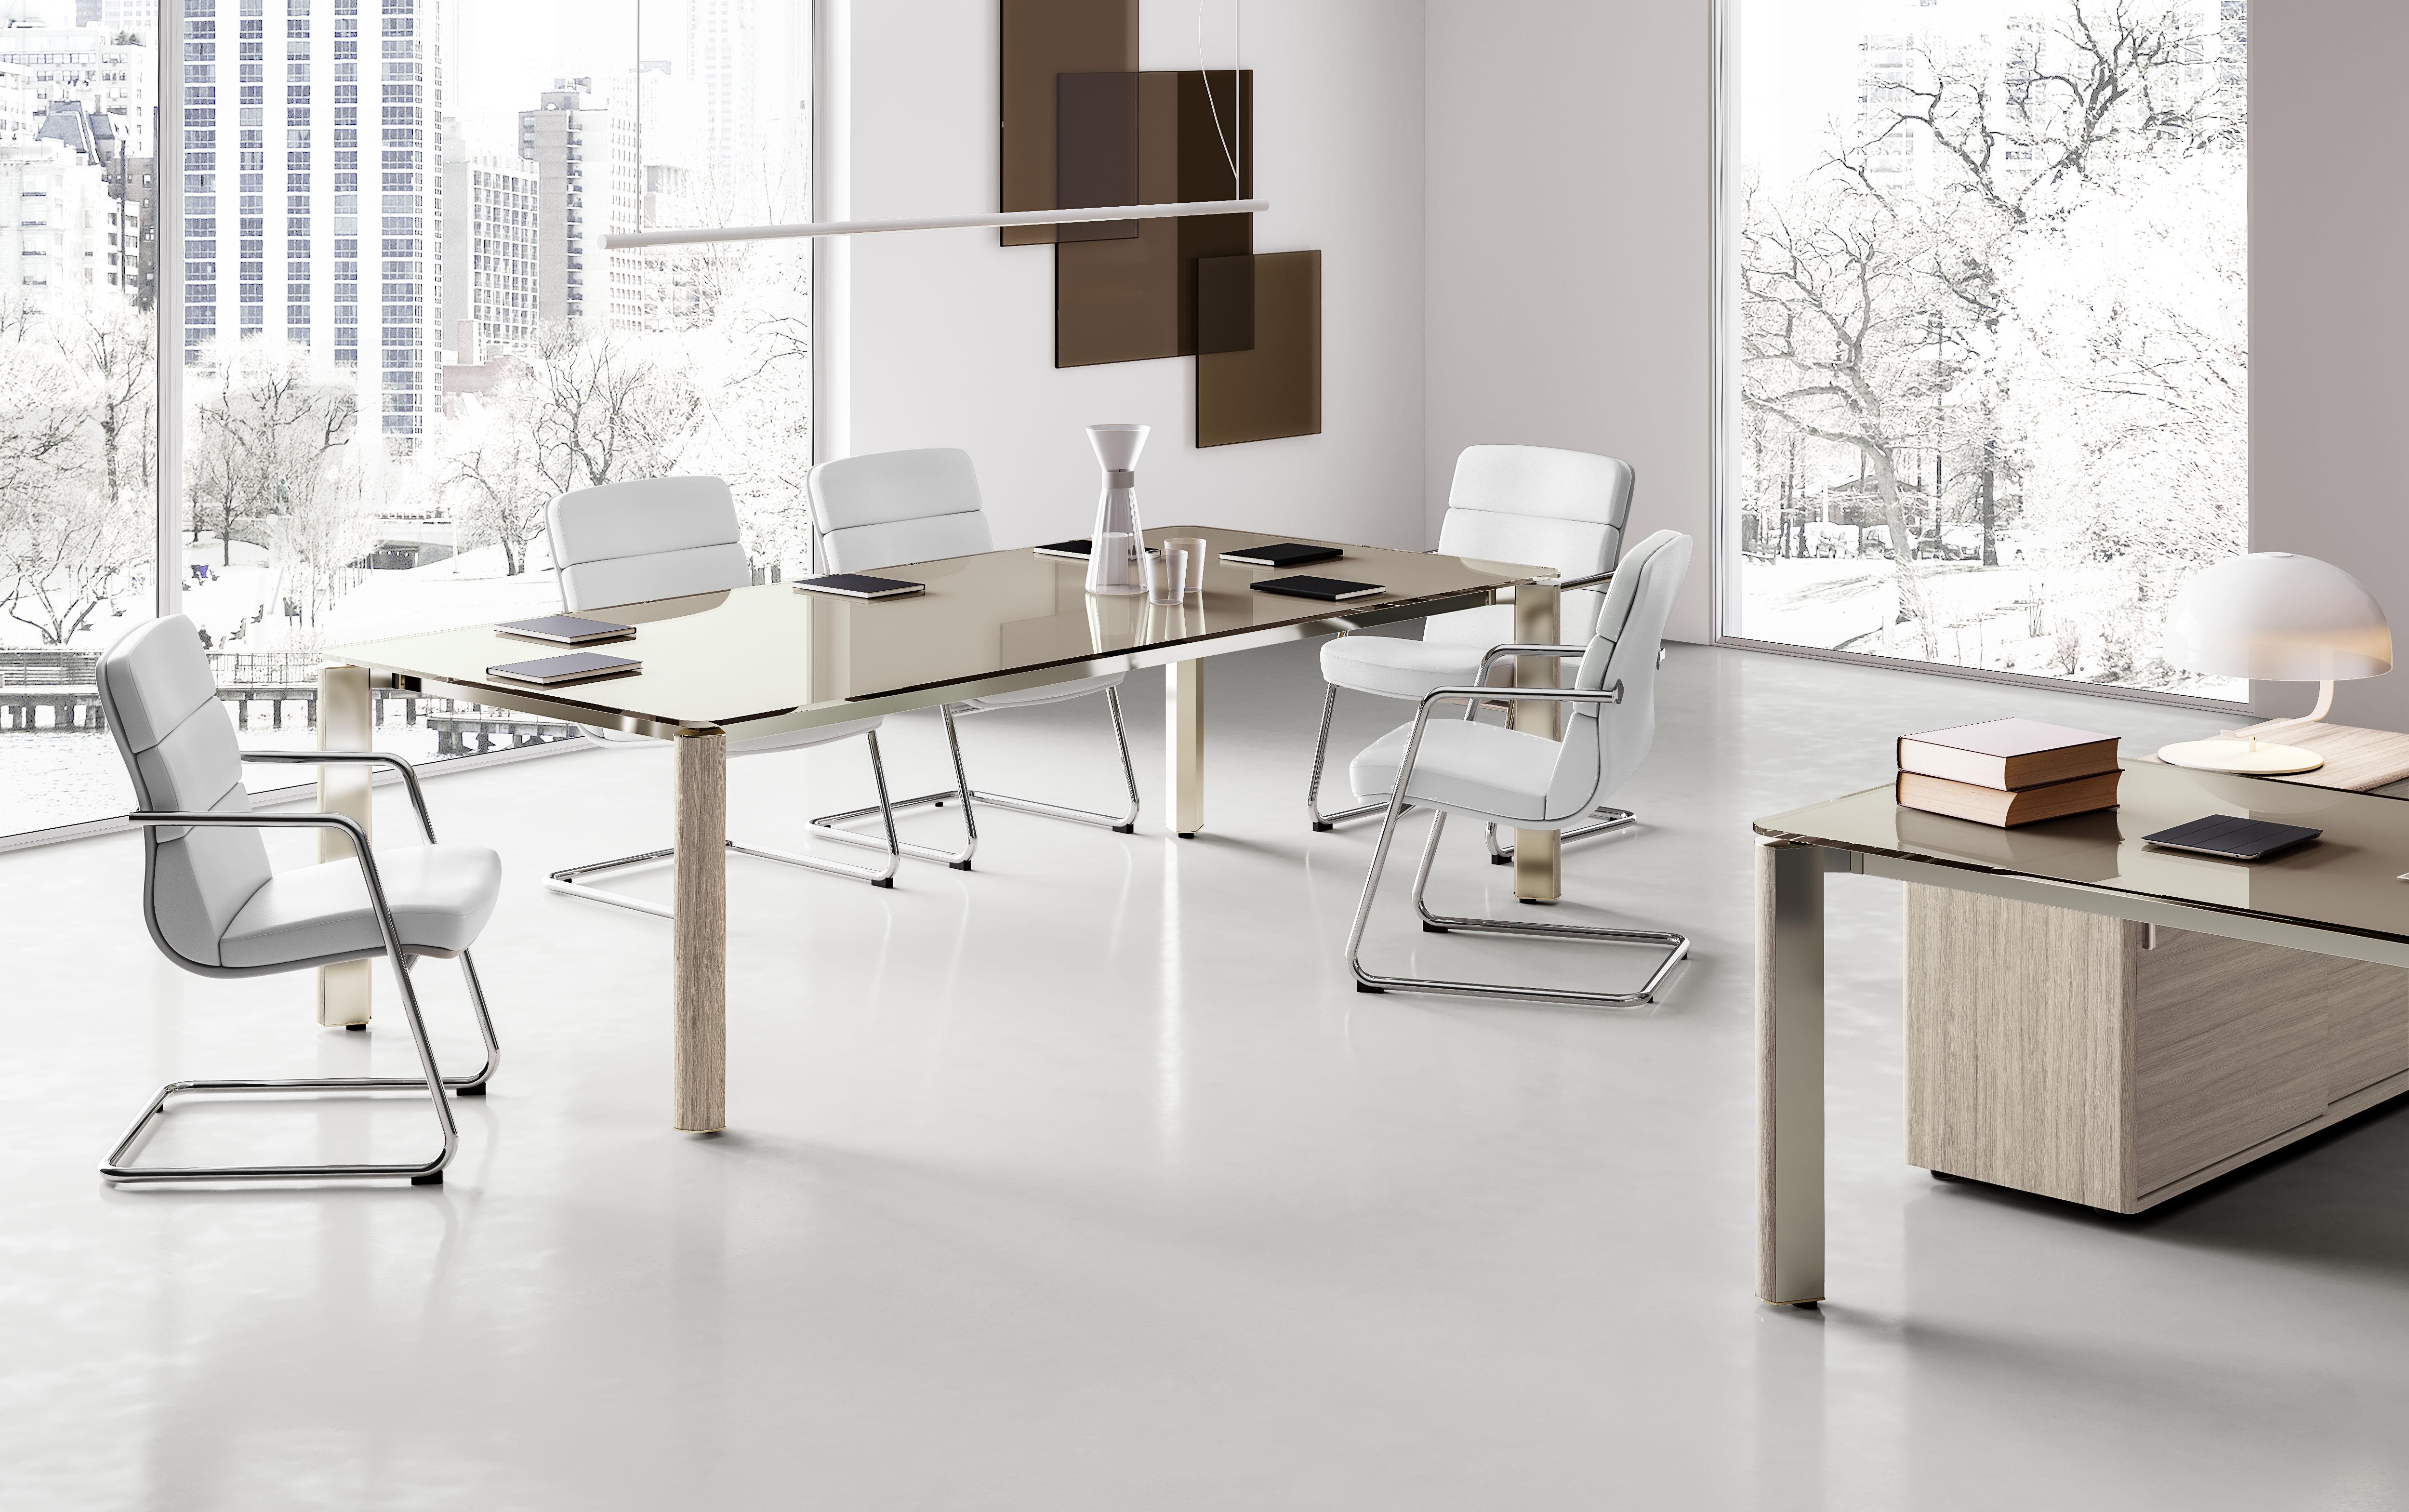 Unifor arredo ufficio unifor a orgatec sedie per ufficio